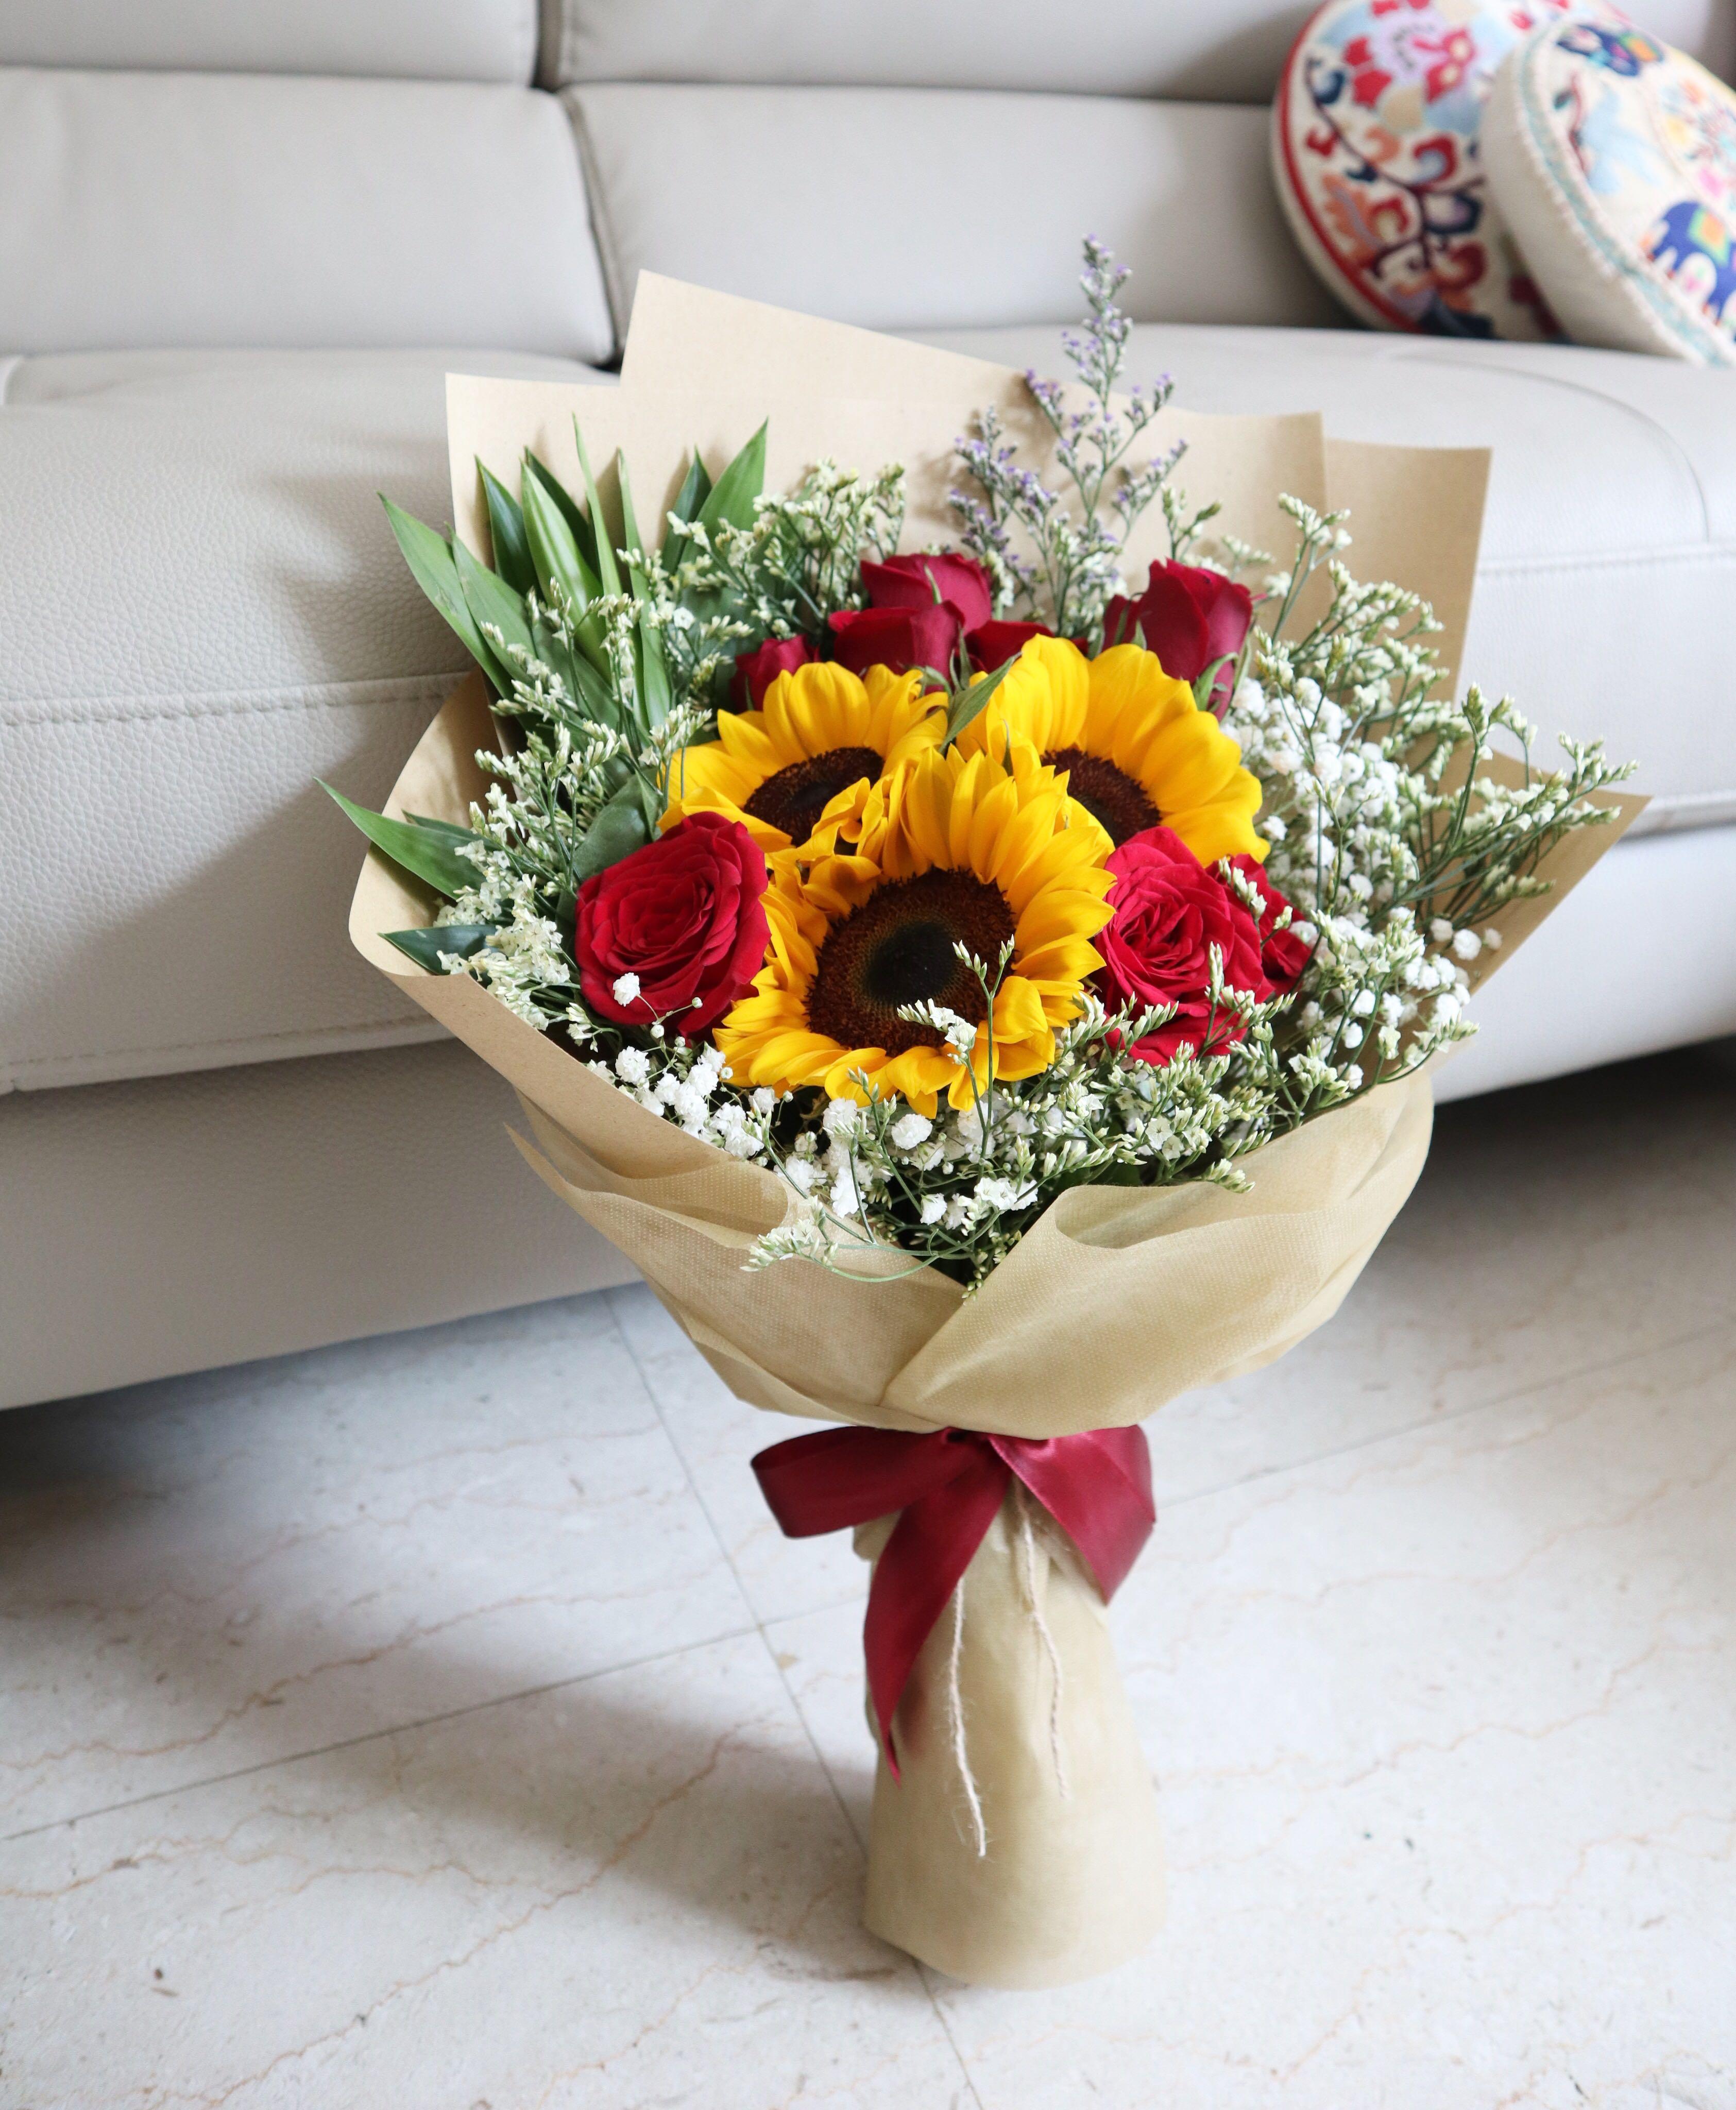 Jika kalian akan memberikan buket bunga wisuda yang rapih kasih saja ini.